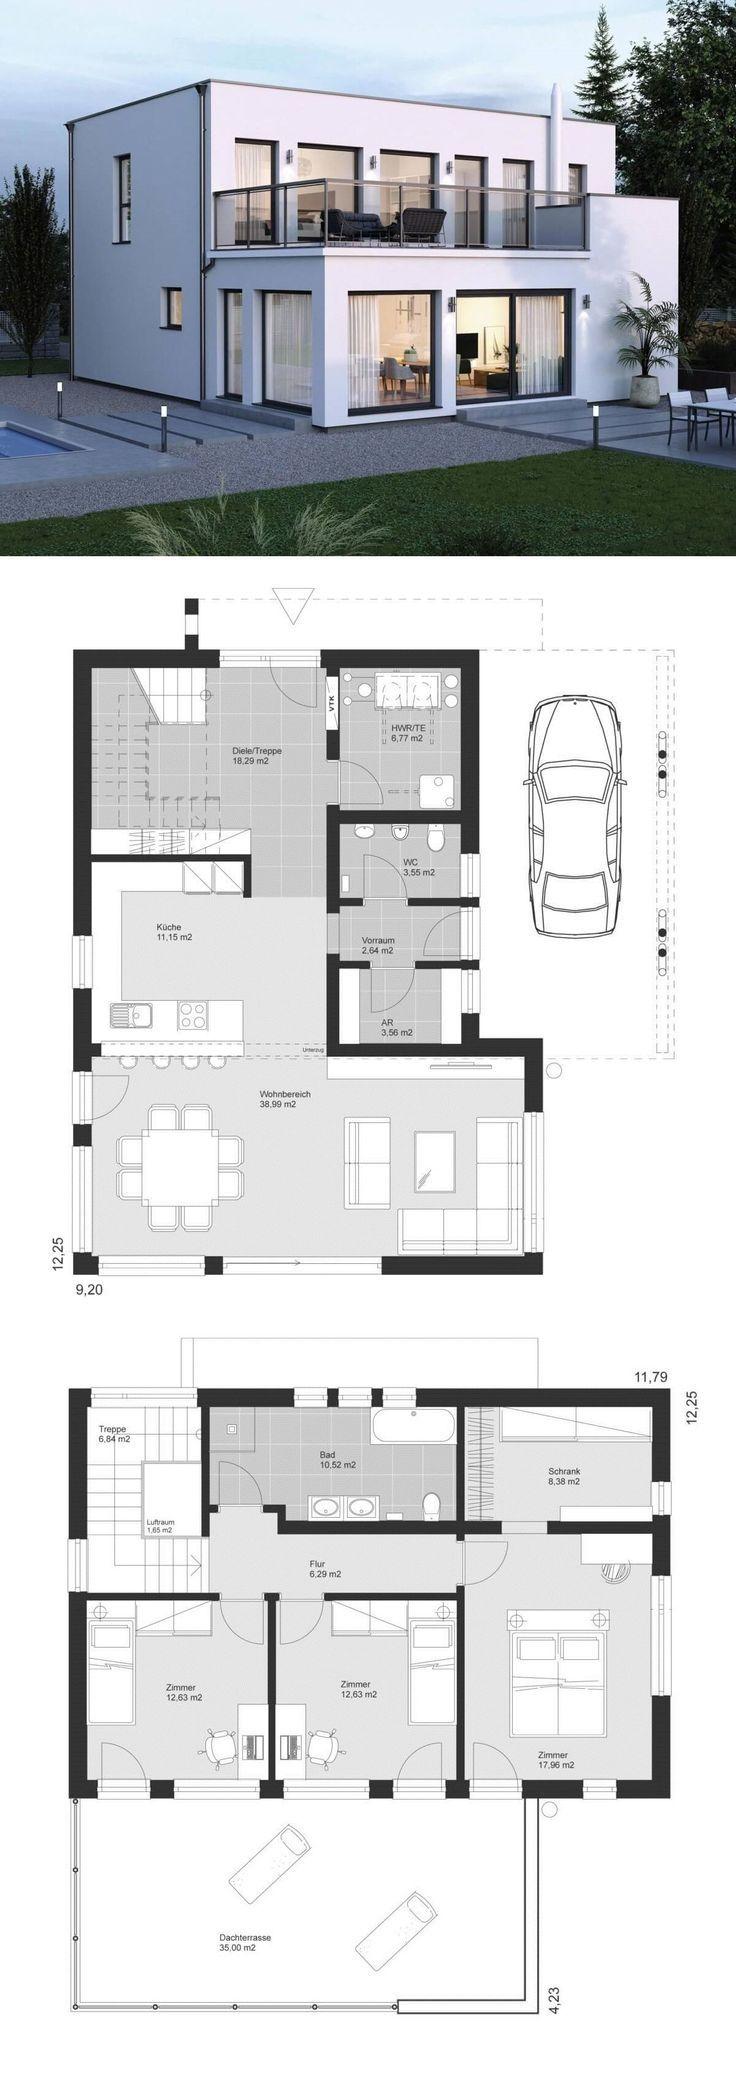 Moderne Stadtvilla Architektur im Bauhausstil mit Flachdach, Carport & Dachterra...  #love #instagoo...